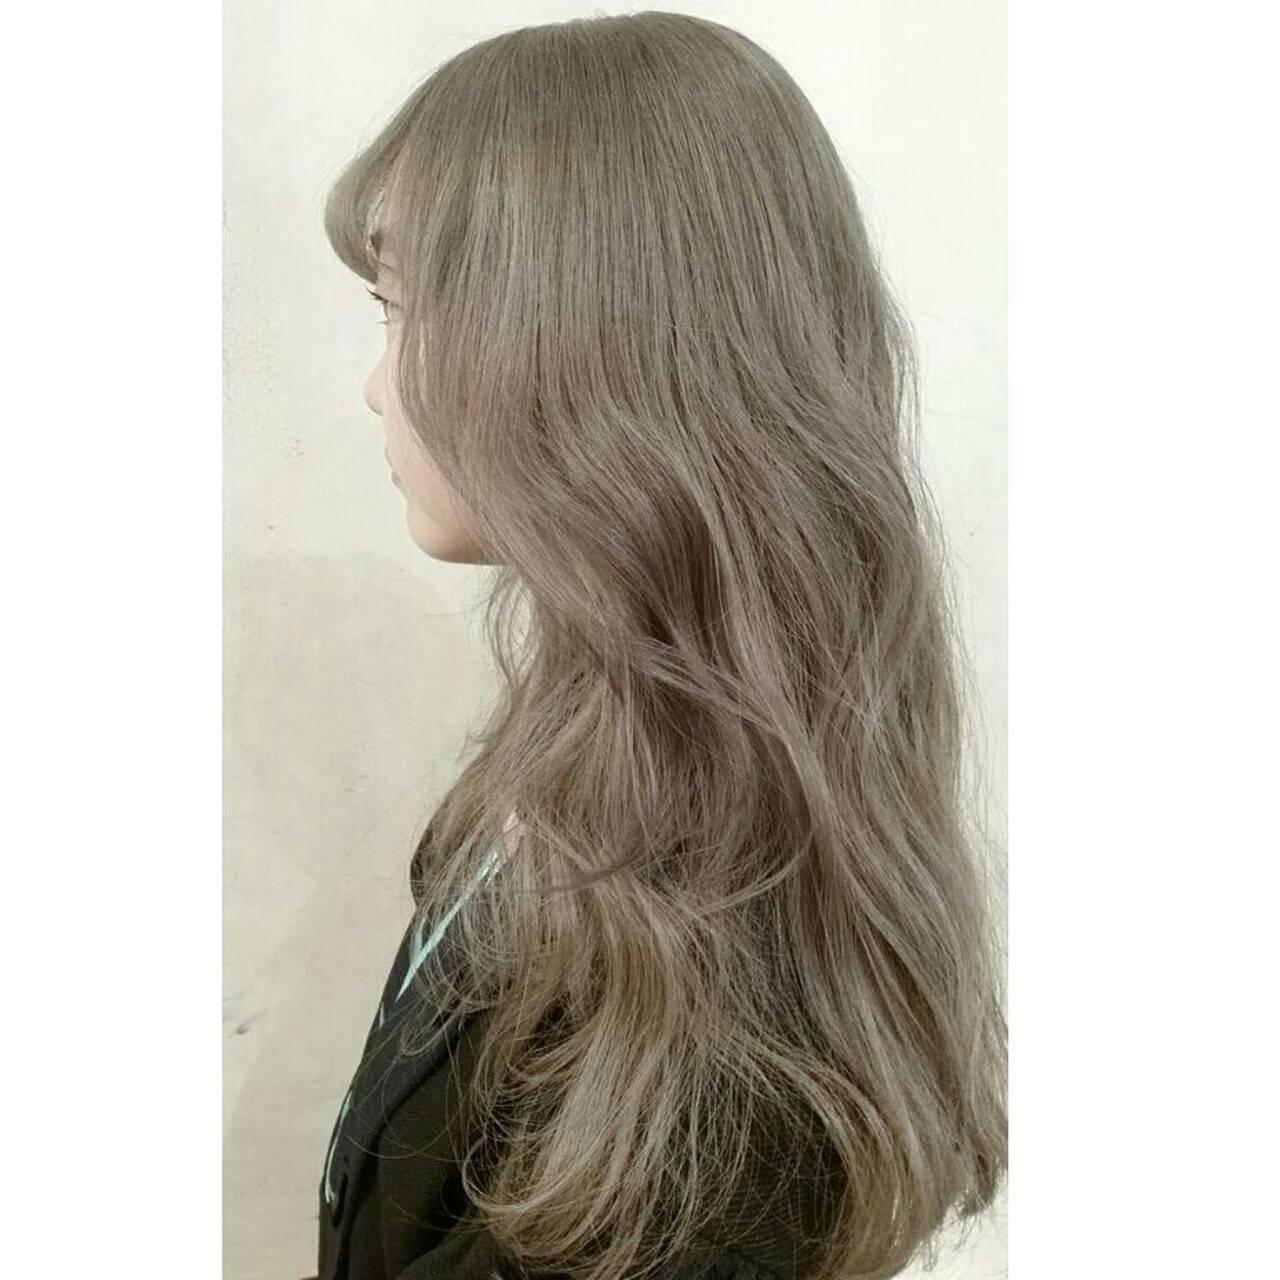 ハイトーン アッシュグレージュ ミディアム アッシュヘアスタイルや髪型の写真・画像